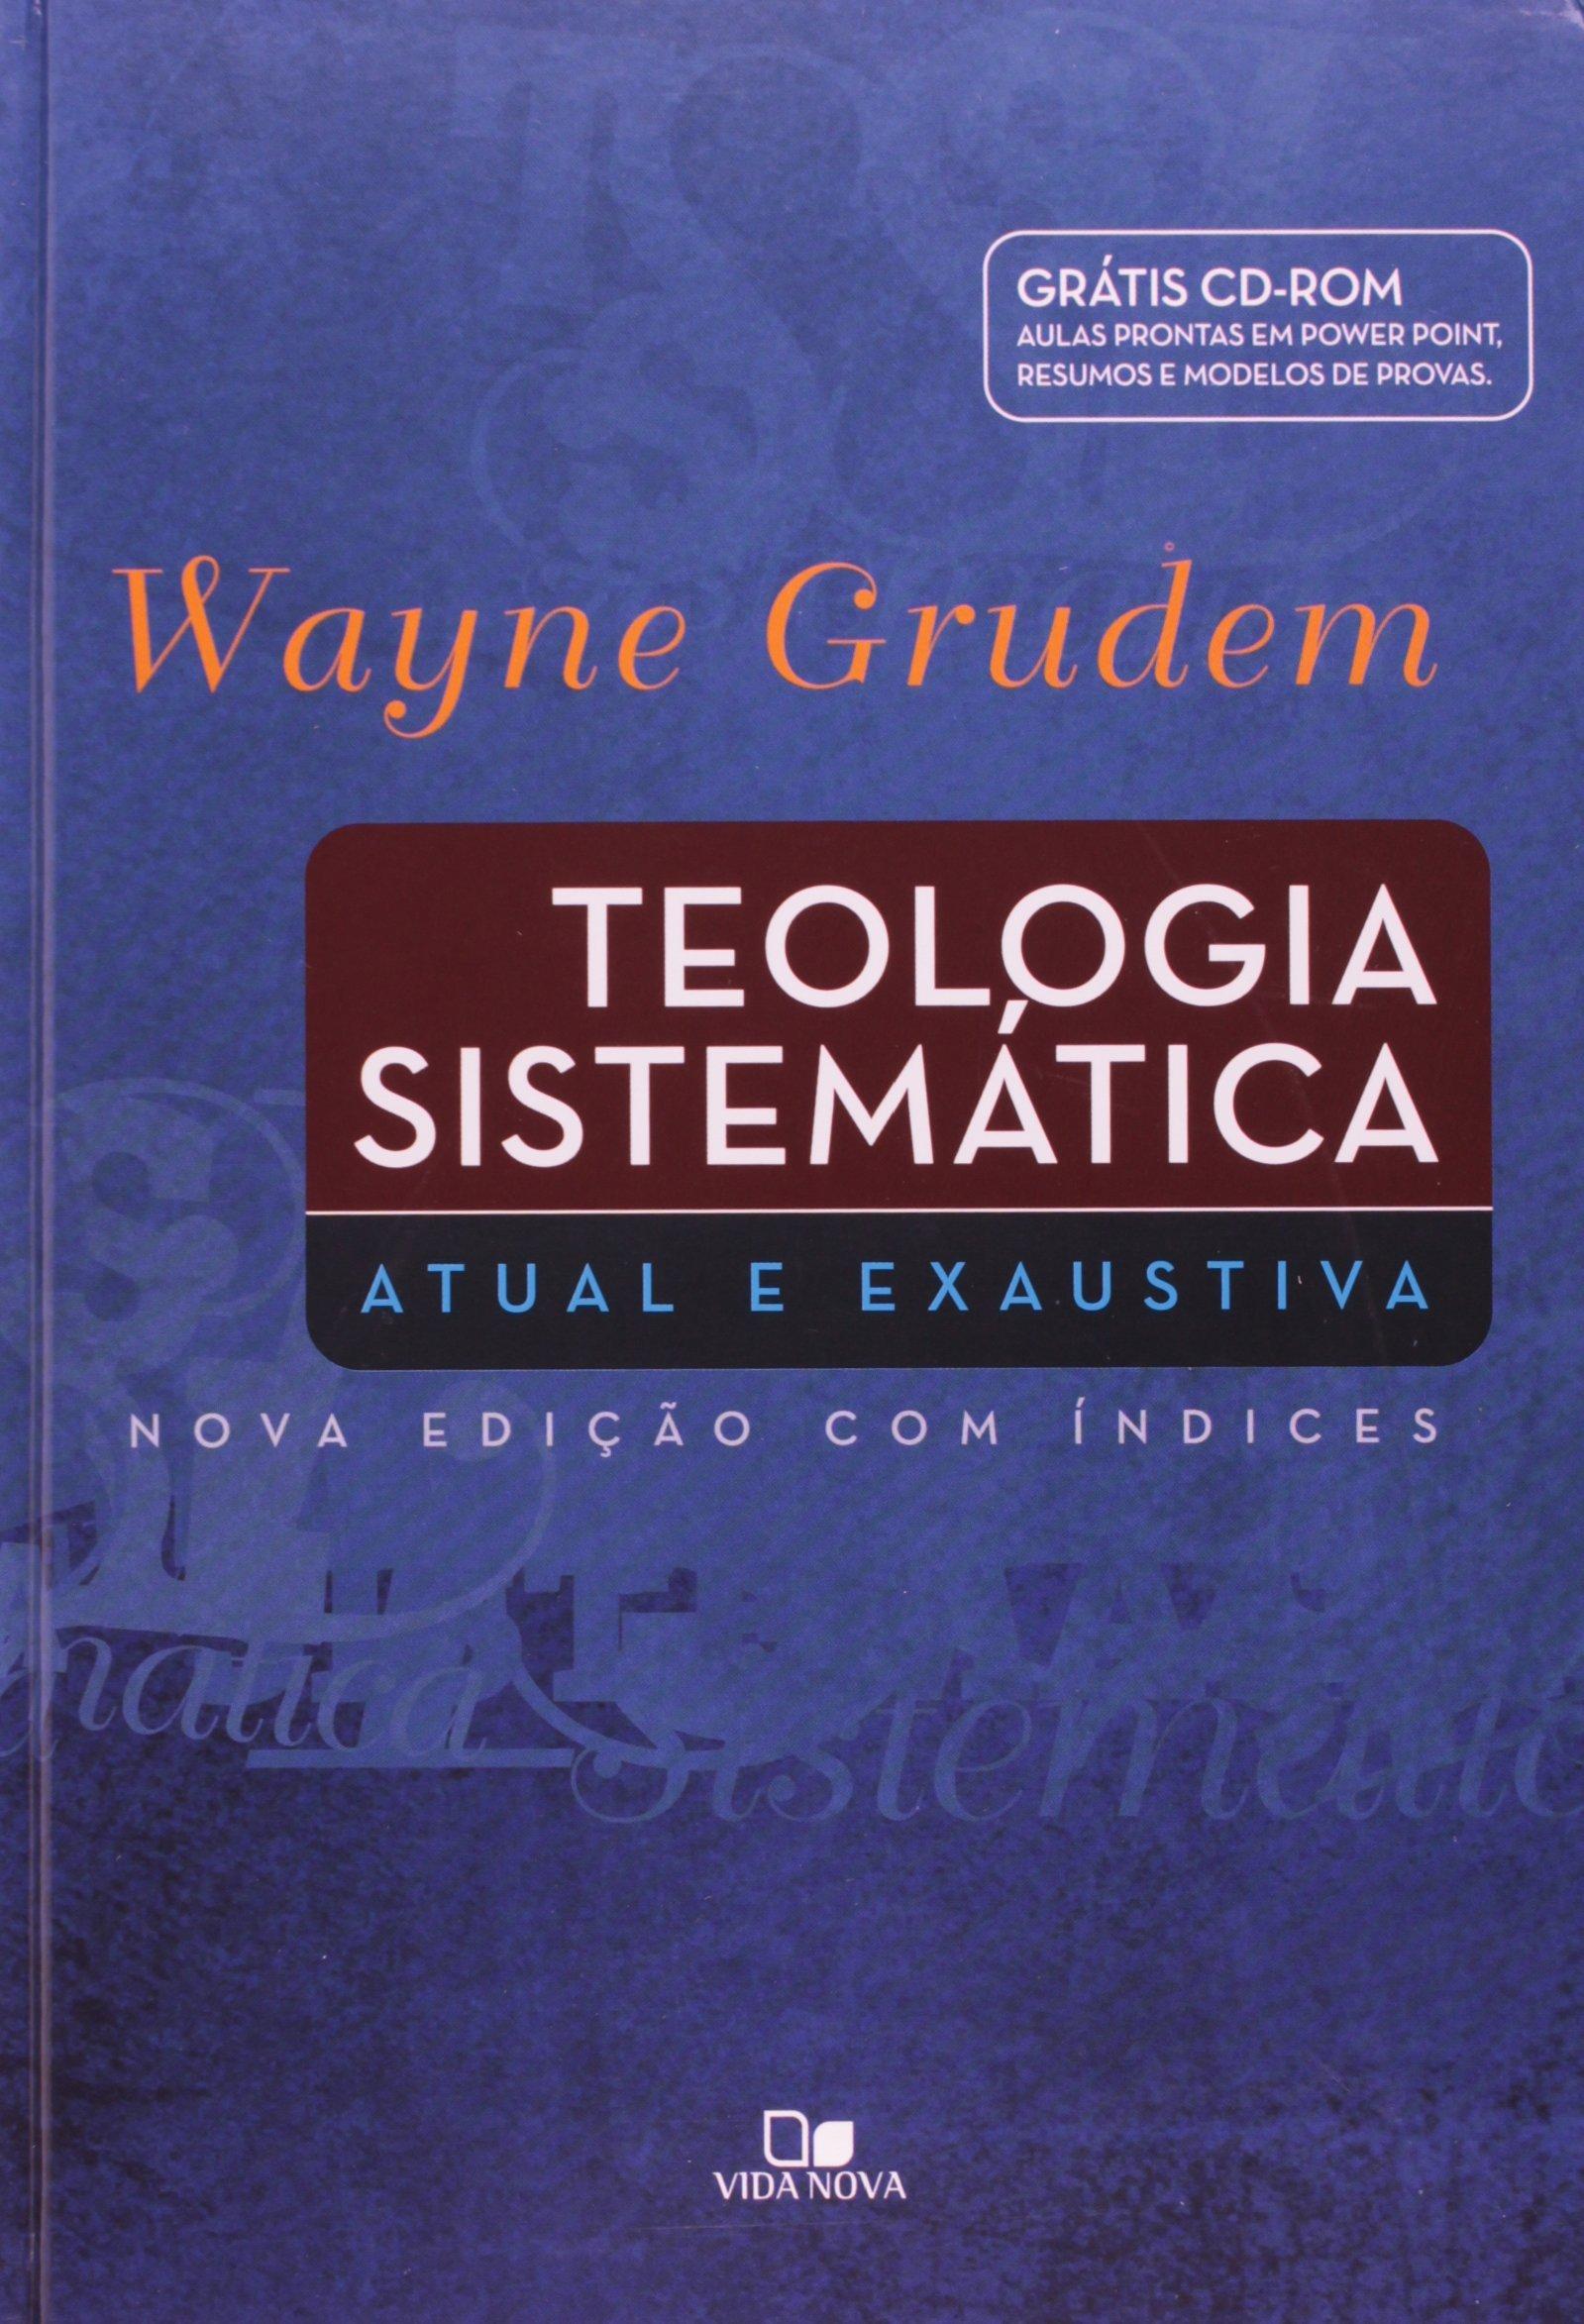 livro teologia sistematica grudem